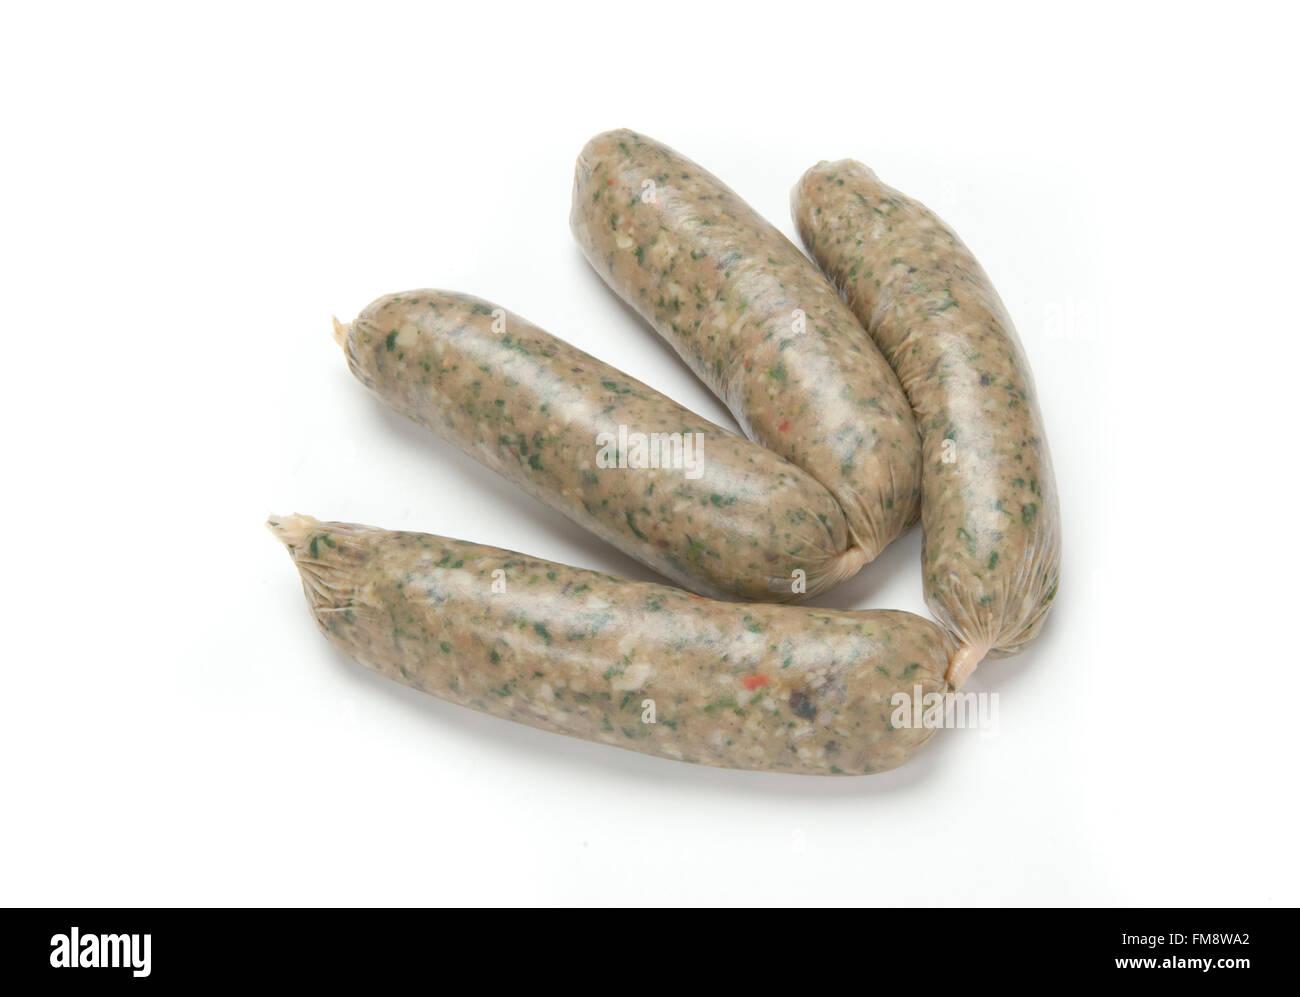 Deux paires de saucisses végétariennes dans les saucisses fraîches dont la teneur en viande est remplacée Photo Stock